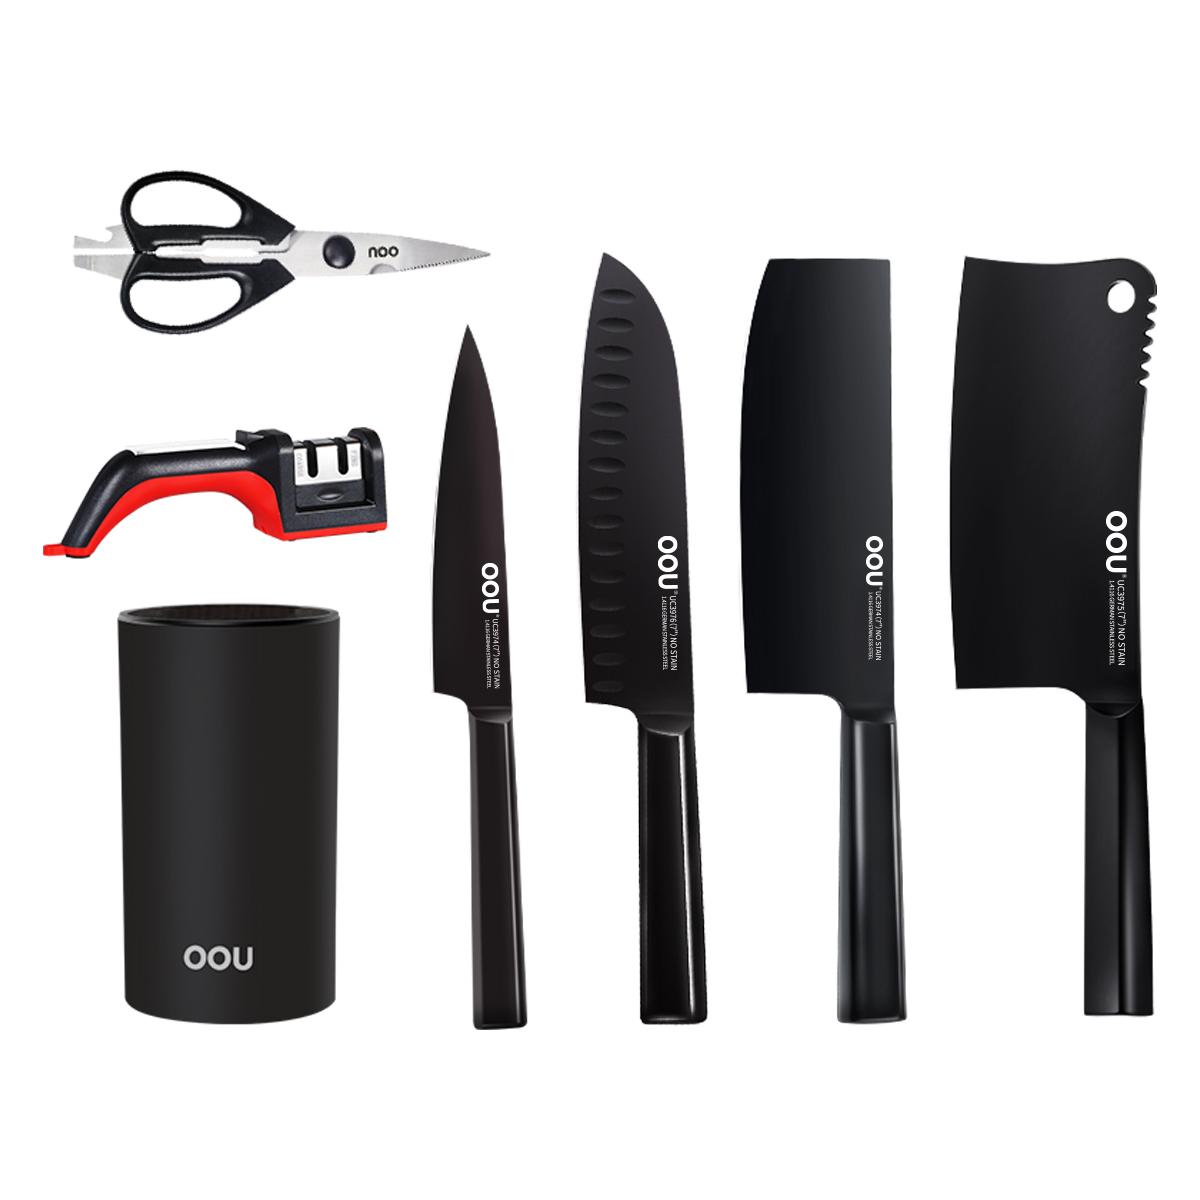 OOU刀具套装黑刃随意7件套